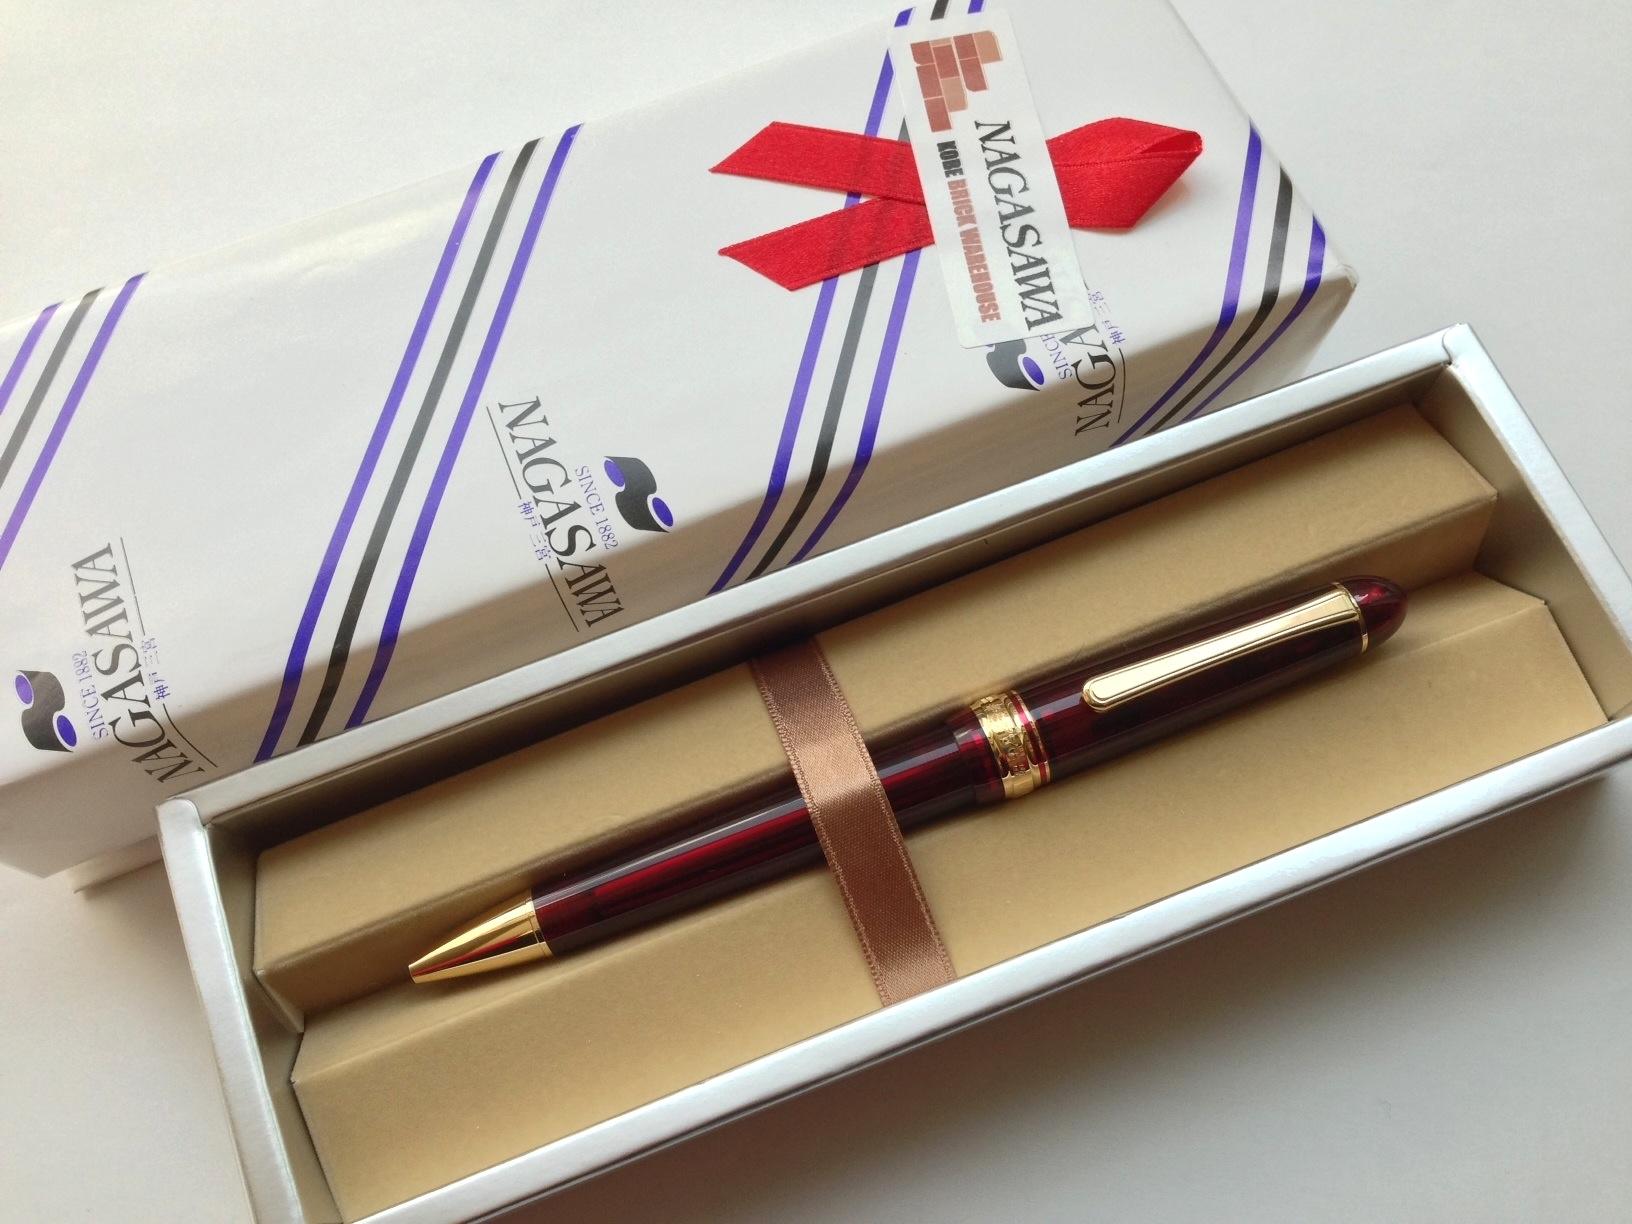 小日向京のひねもす文房具|第八十四回「プラチナ万年筆 #3776センチュリー ブルゴーニュ ボールペン」